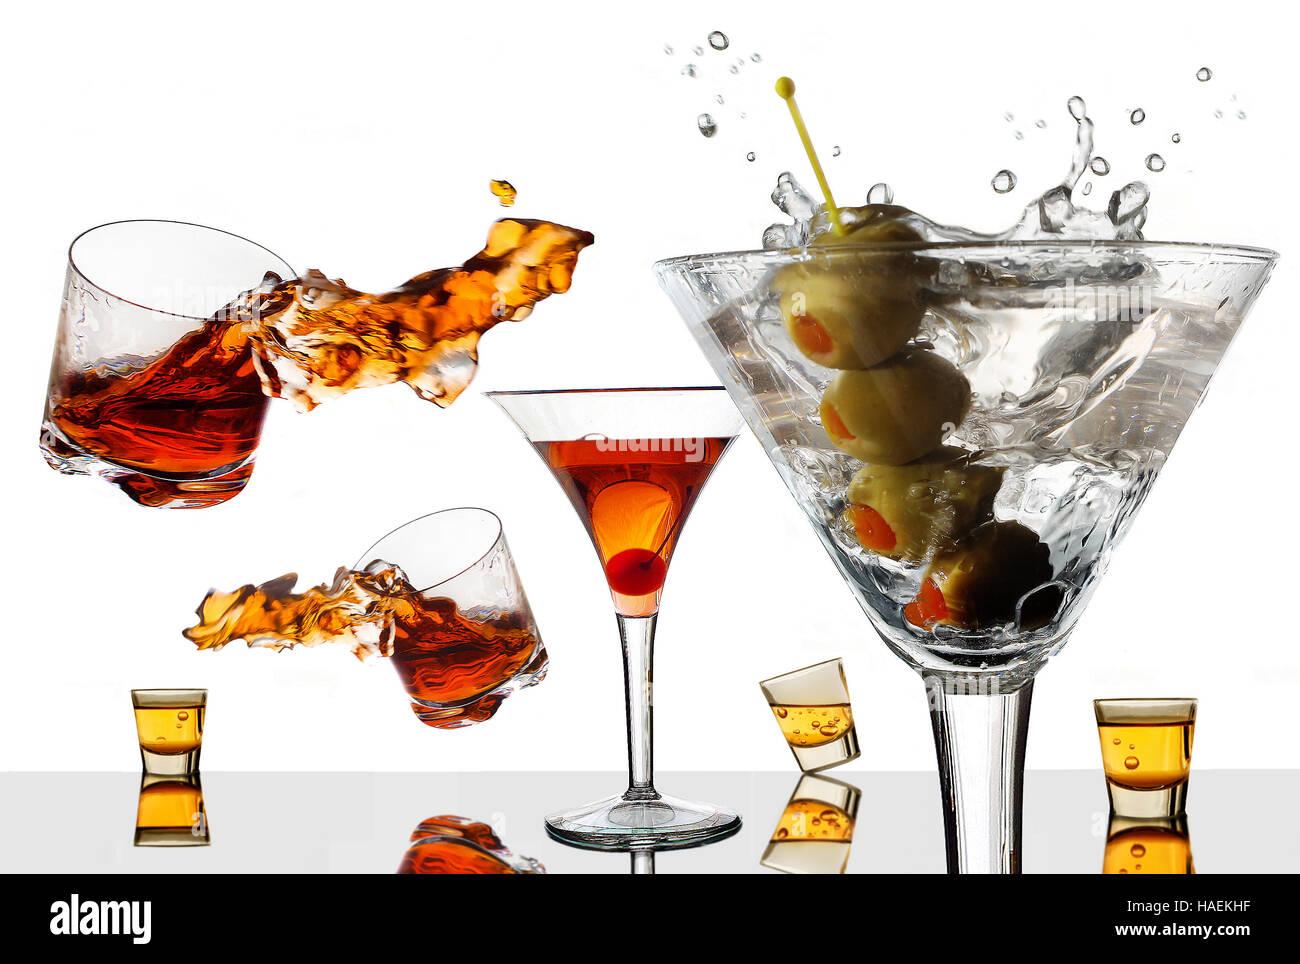 Vecchio cocktail di fare una nuova splash. Cocktail tradizionali sono visti gli schizzi circa in questa illustrazione Immagini Stock